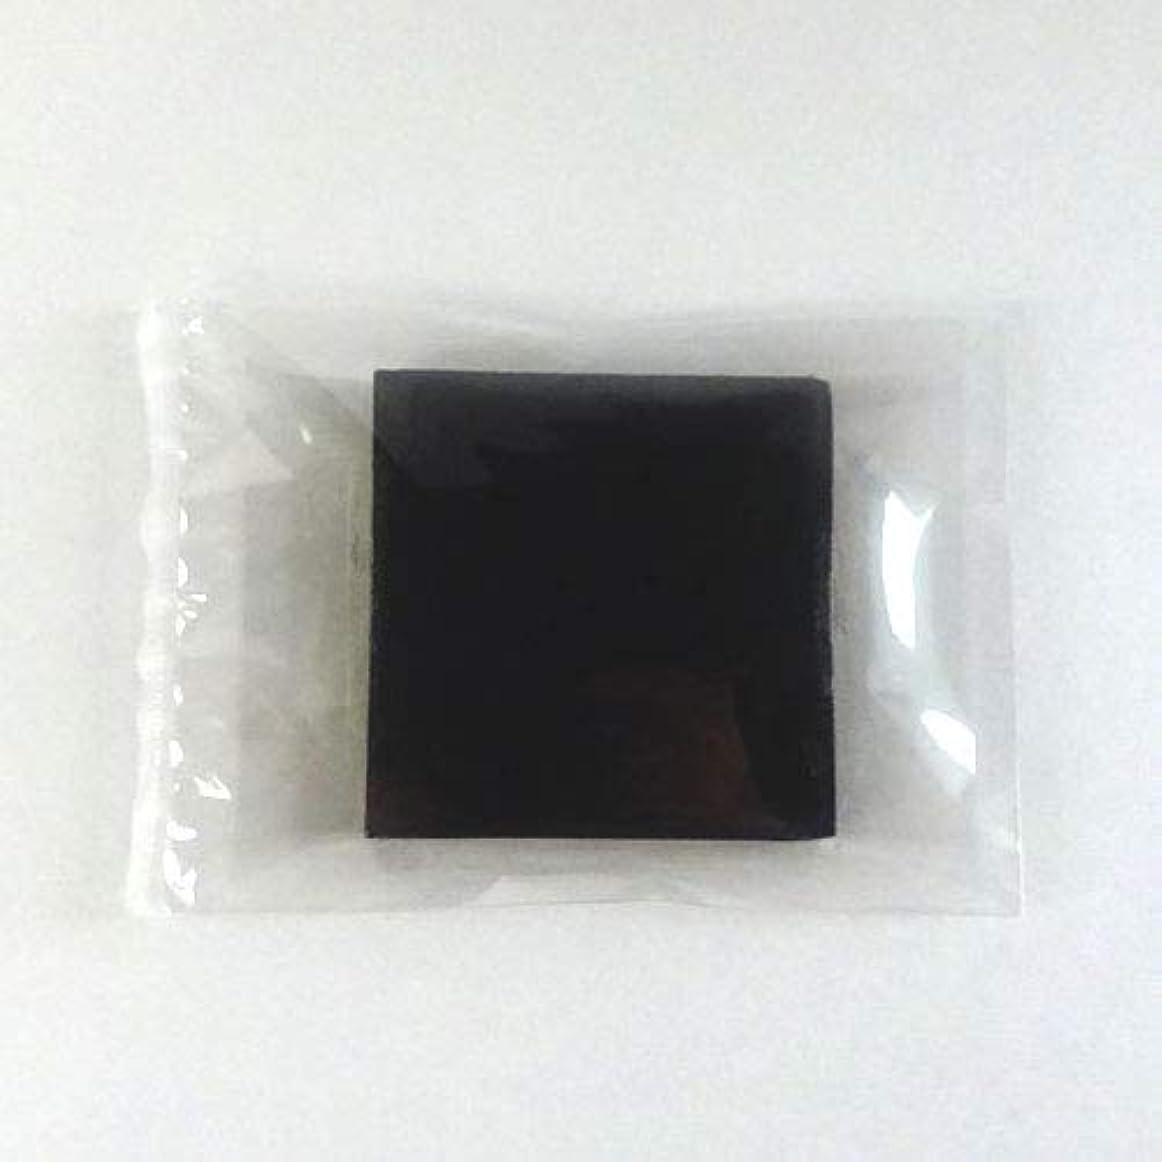 ディーラーチャンス暗殺するグリセリンソープ MPソープ 色チップ 黒(ブラック) 30g